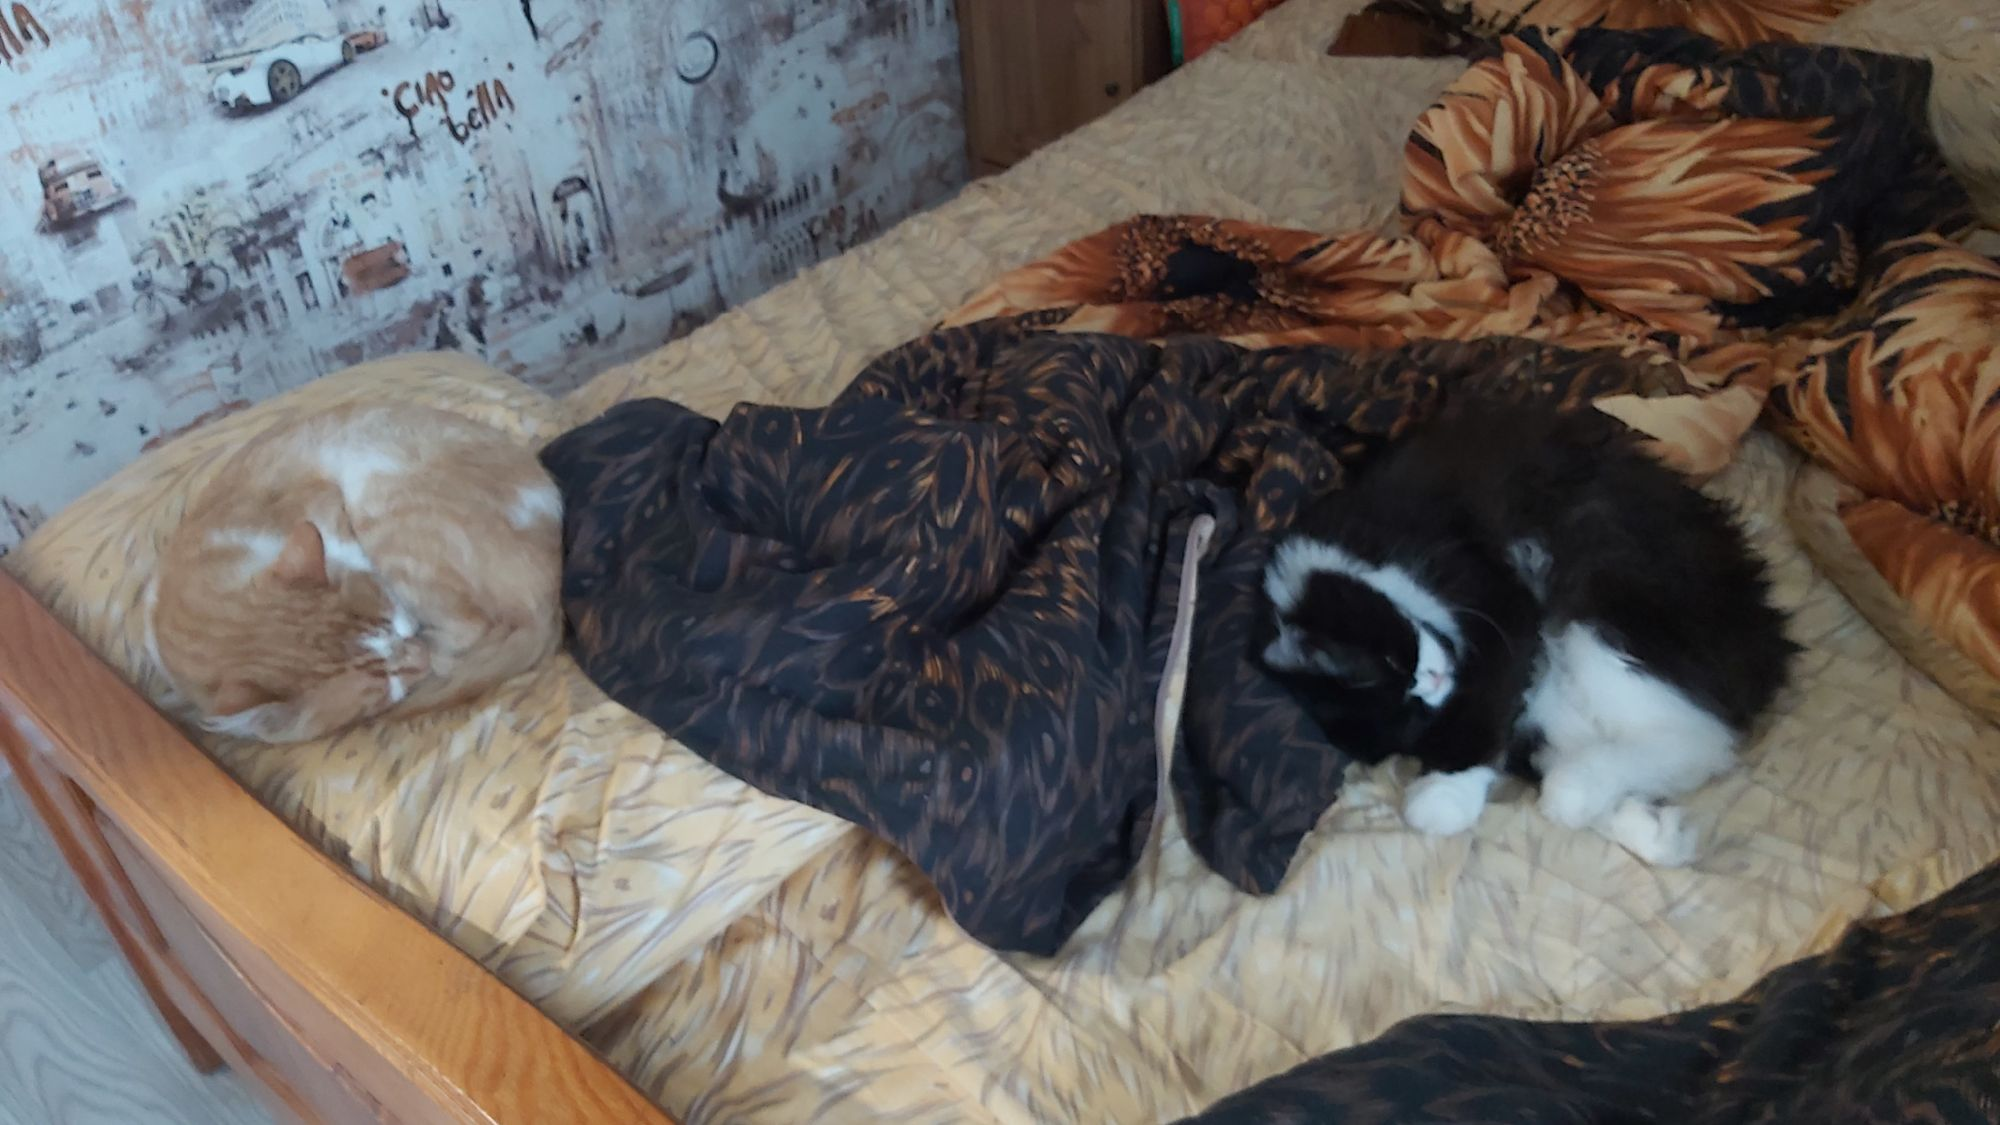 Ты хочешь заправить кровать... но как прогнать шерстяных? Сладких шерстяных?  Типа - эээ, коты, вставайте! Это Наташа,  я там все уронила!